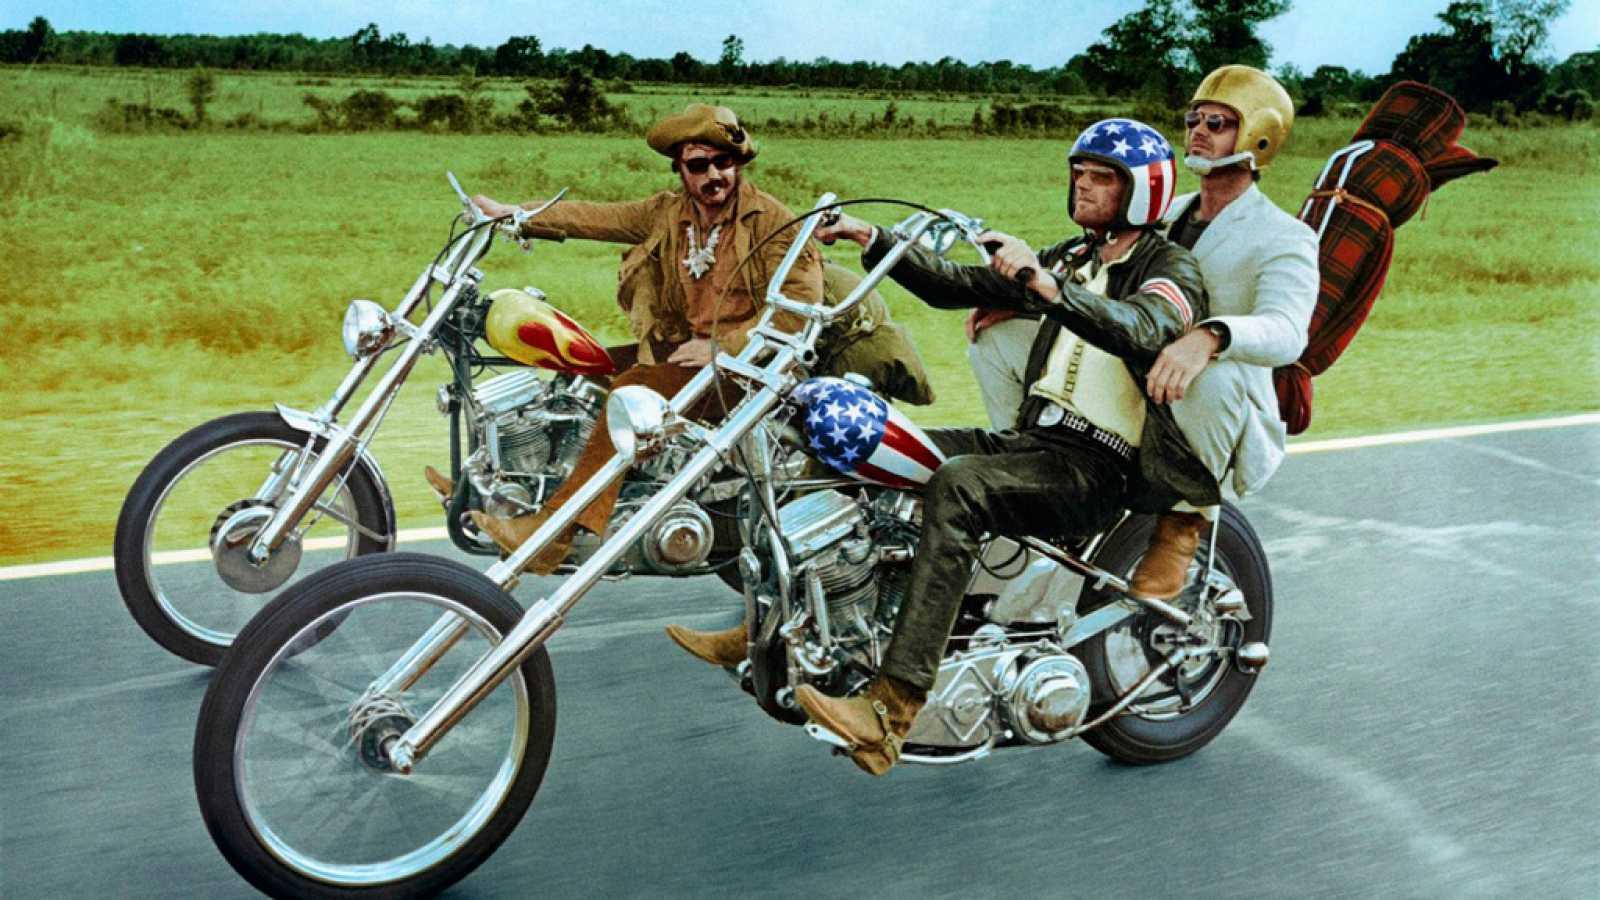 50 aniversario de 'Easy rider' - RTVE.es